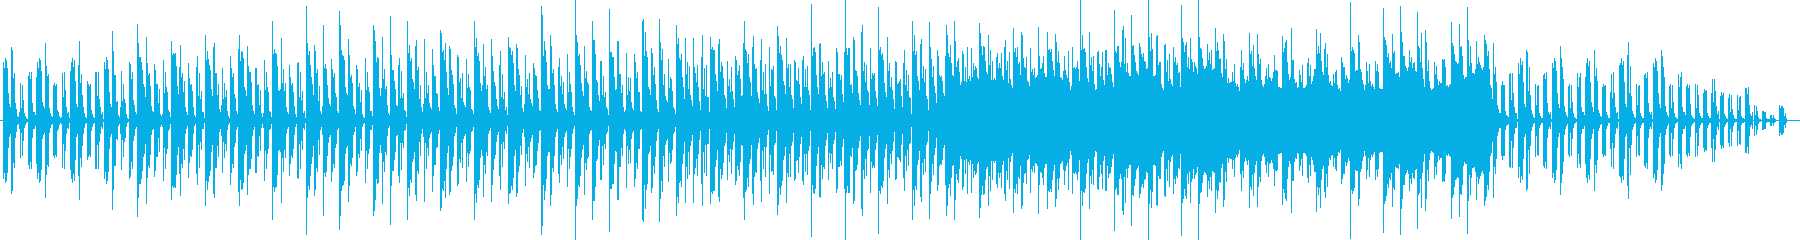 緊張感とシリアスな金属音ピアノサウンドの再生済みの波形